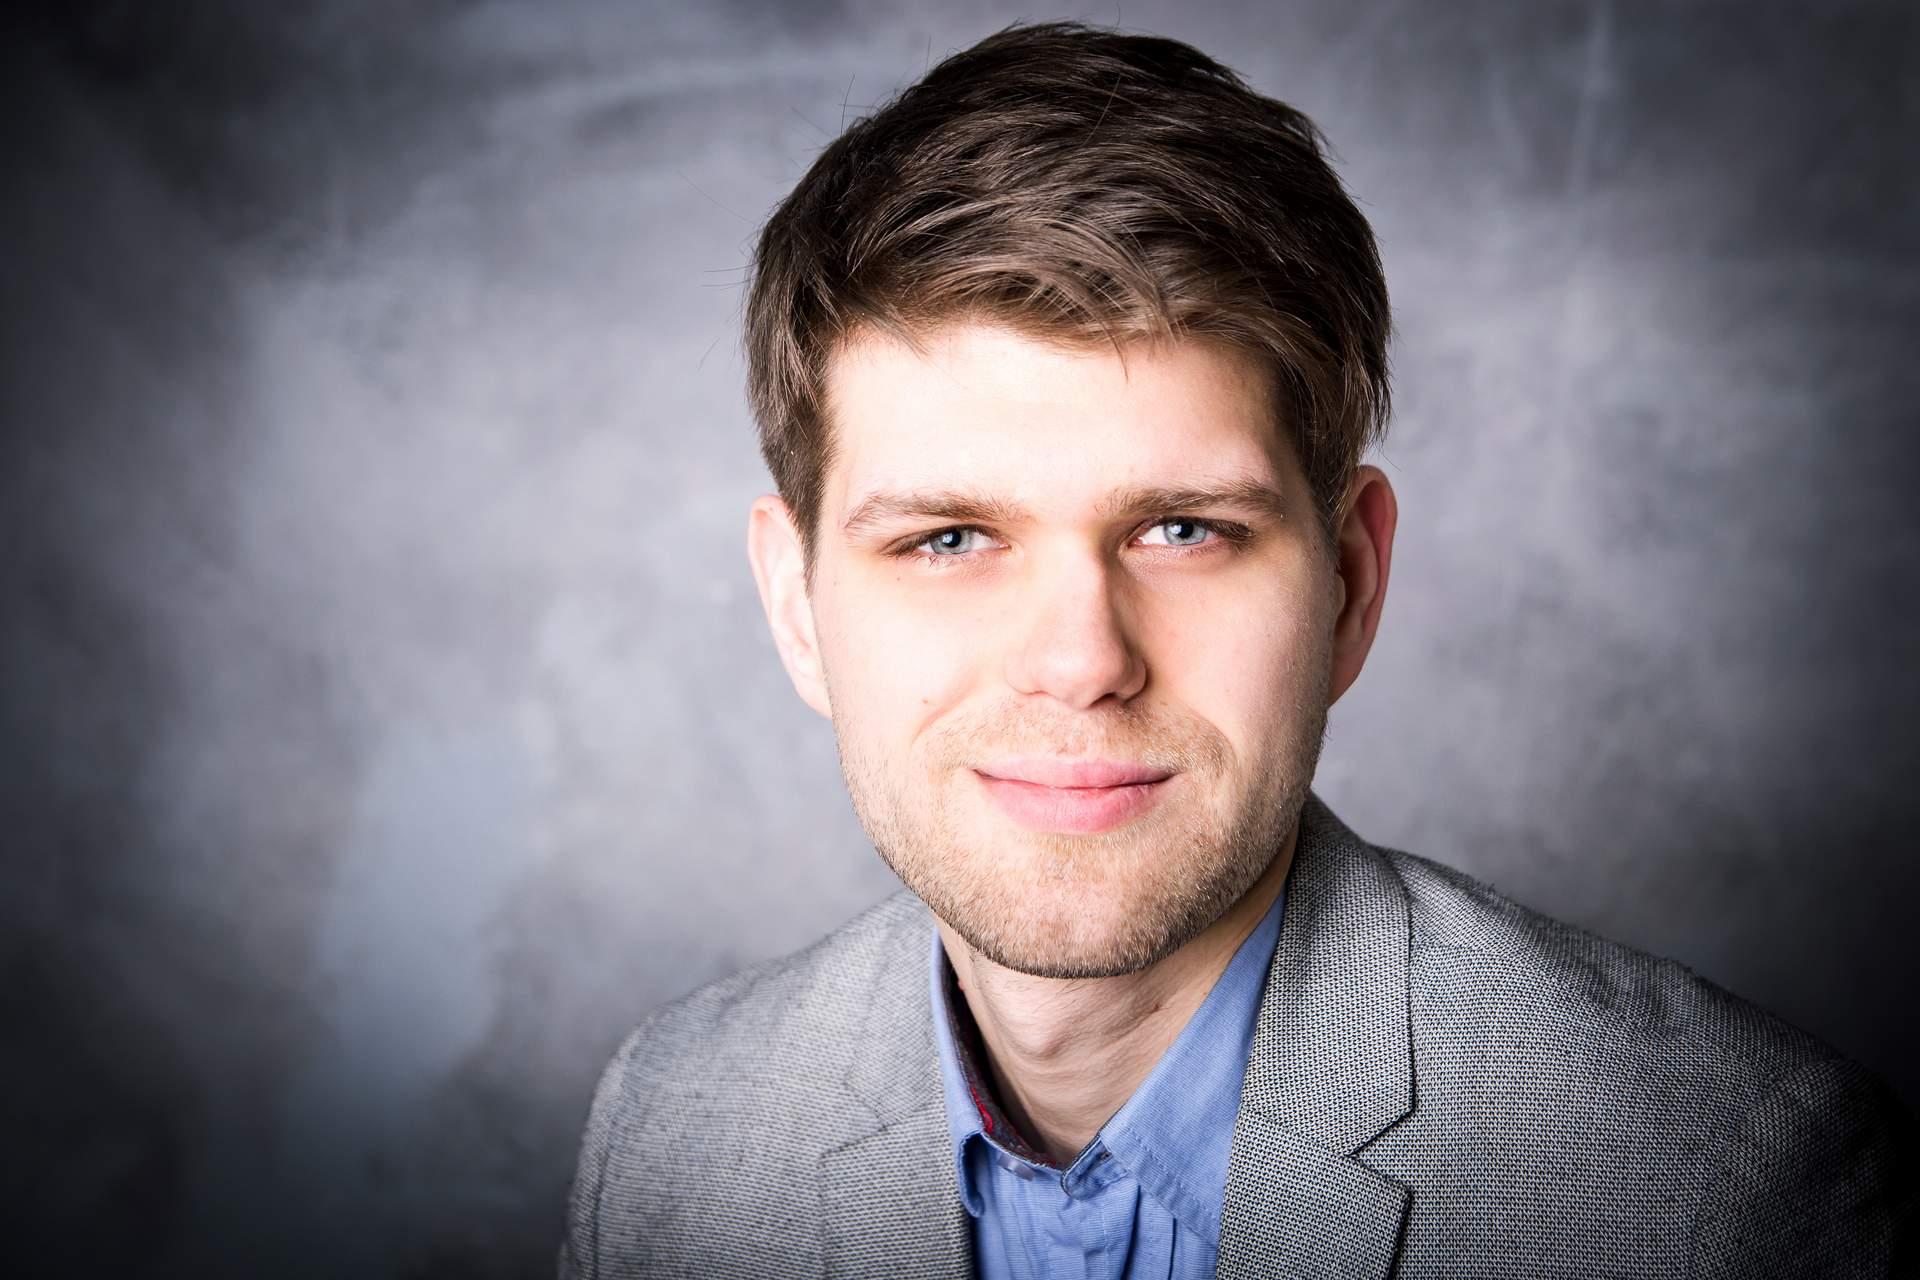 BME KomMédia - Csizik Balázs